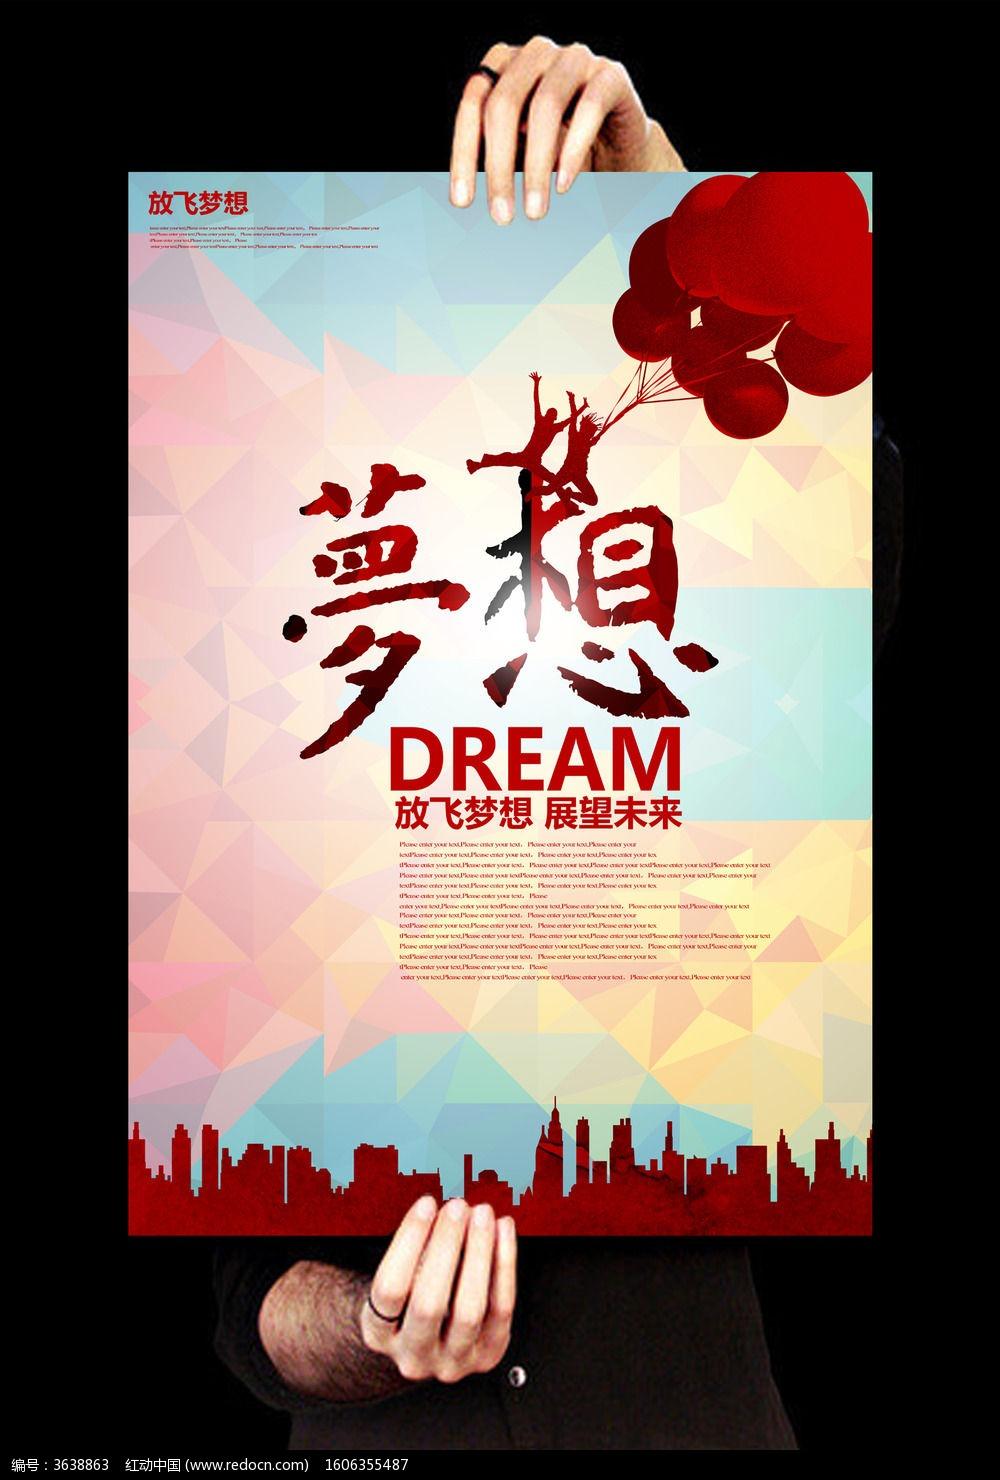 三克的梦想_创意放飞梦想海报设计